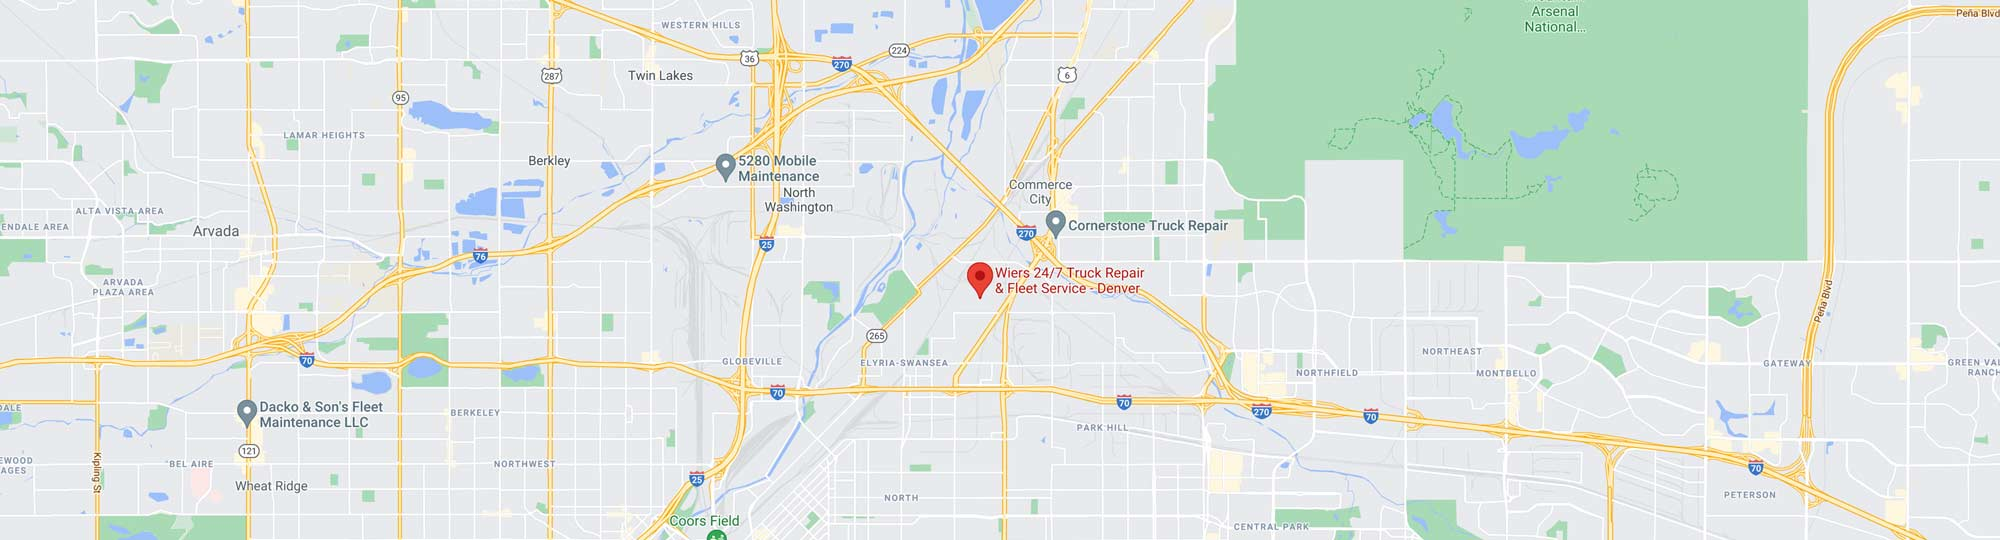 Denver Mobile Truck Repair